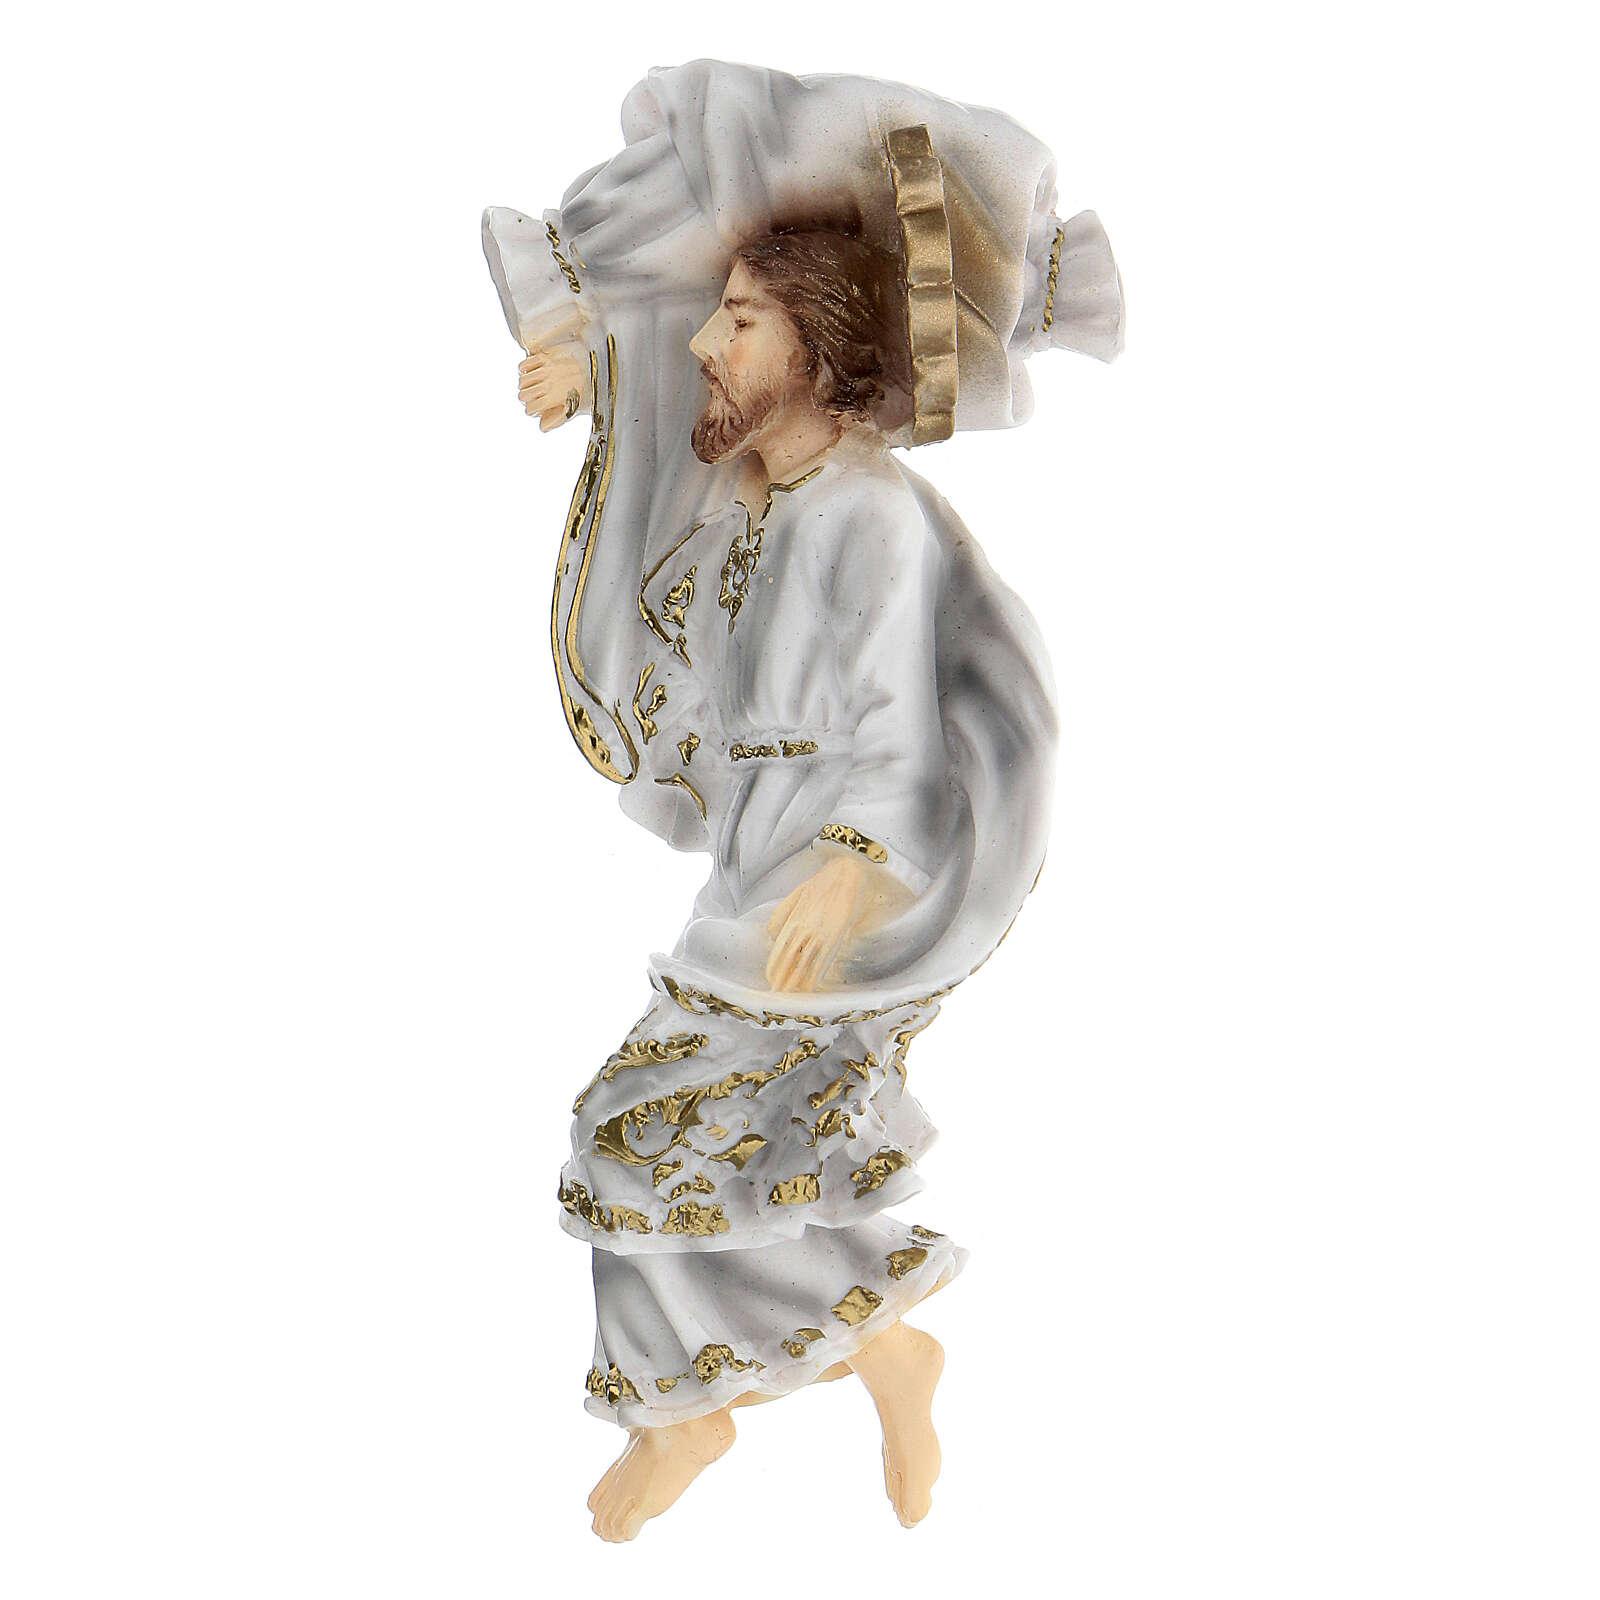 Schlafender Sankt Joseph aus Marmorstaub mit weißem Gewand, 12 cm 4